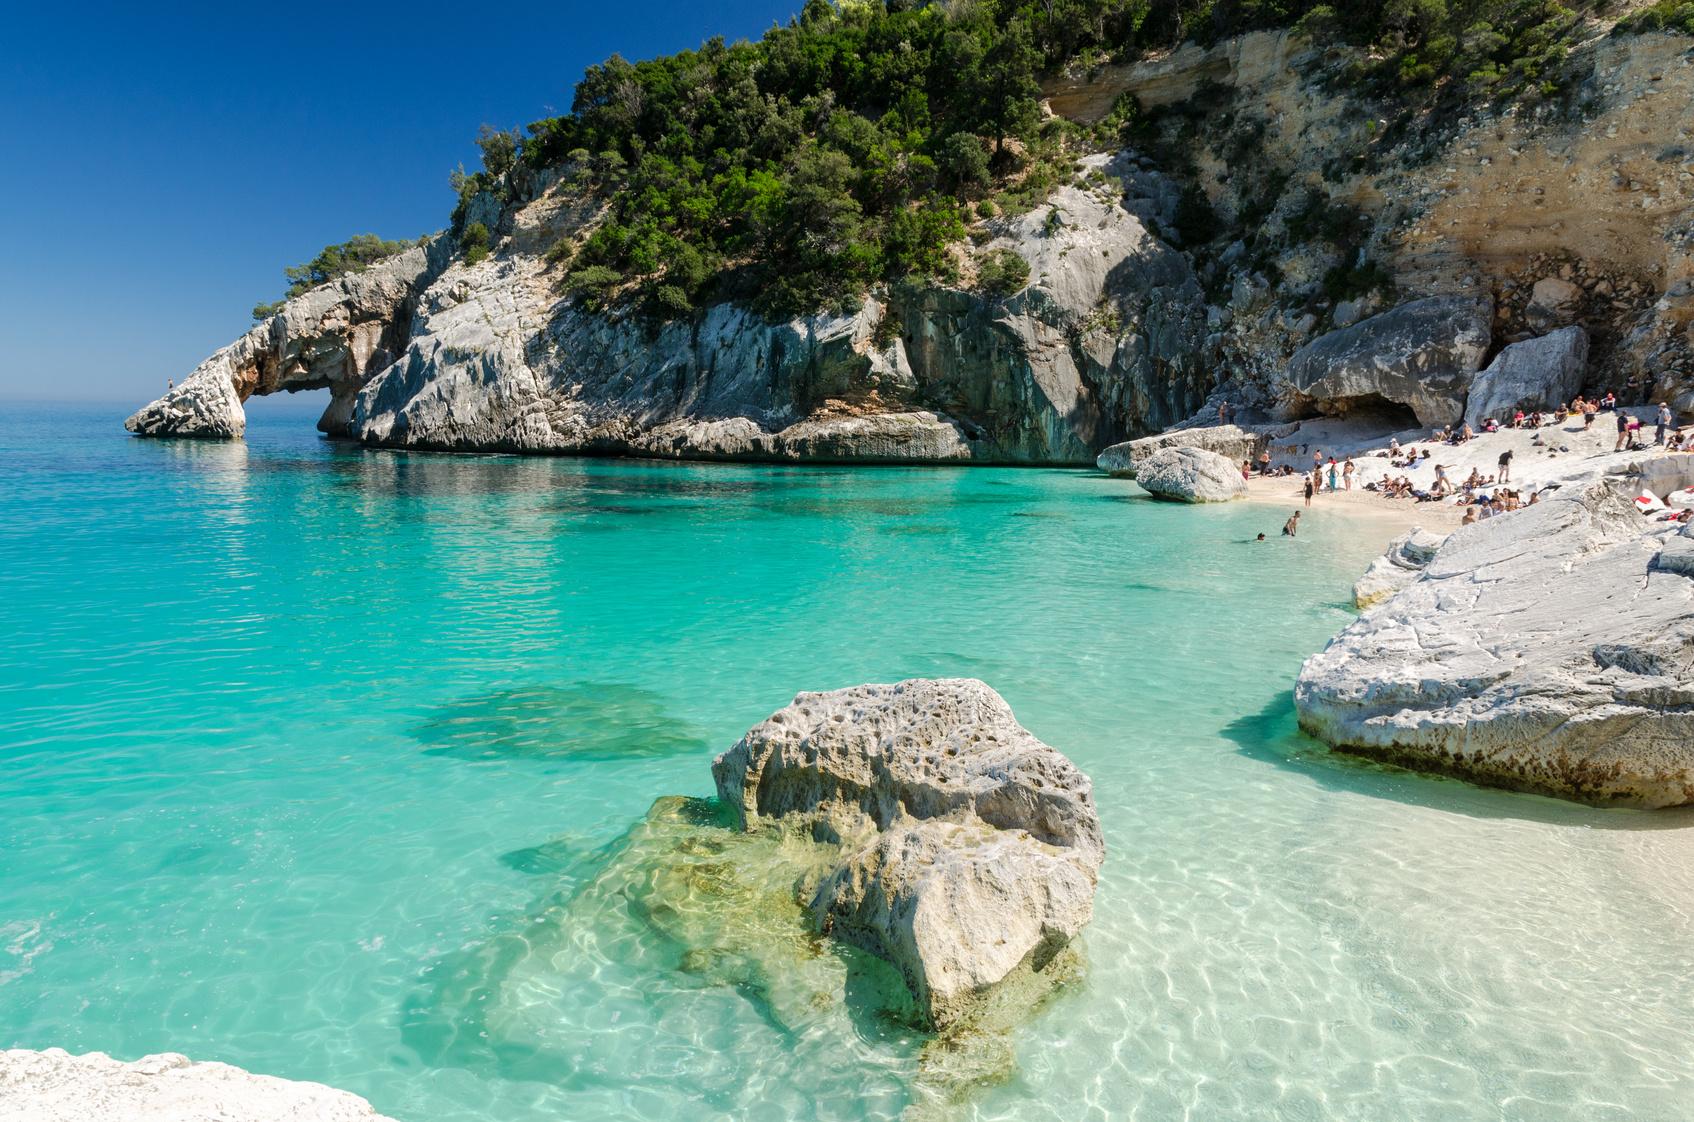 Sardinia: Cala Goloritze', Ogliastra region